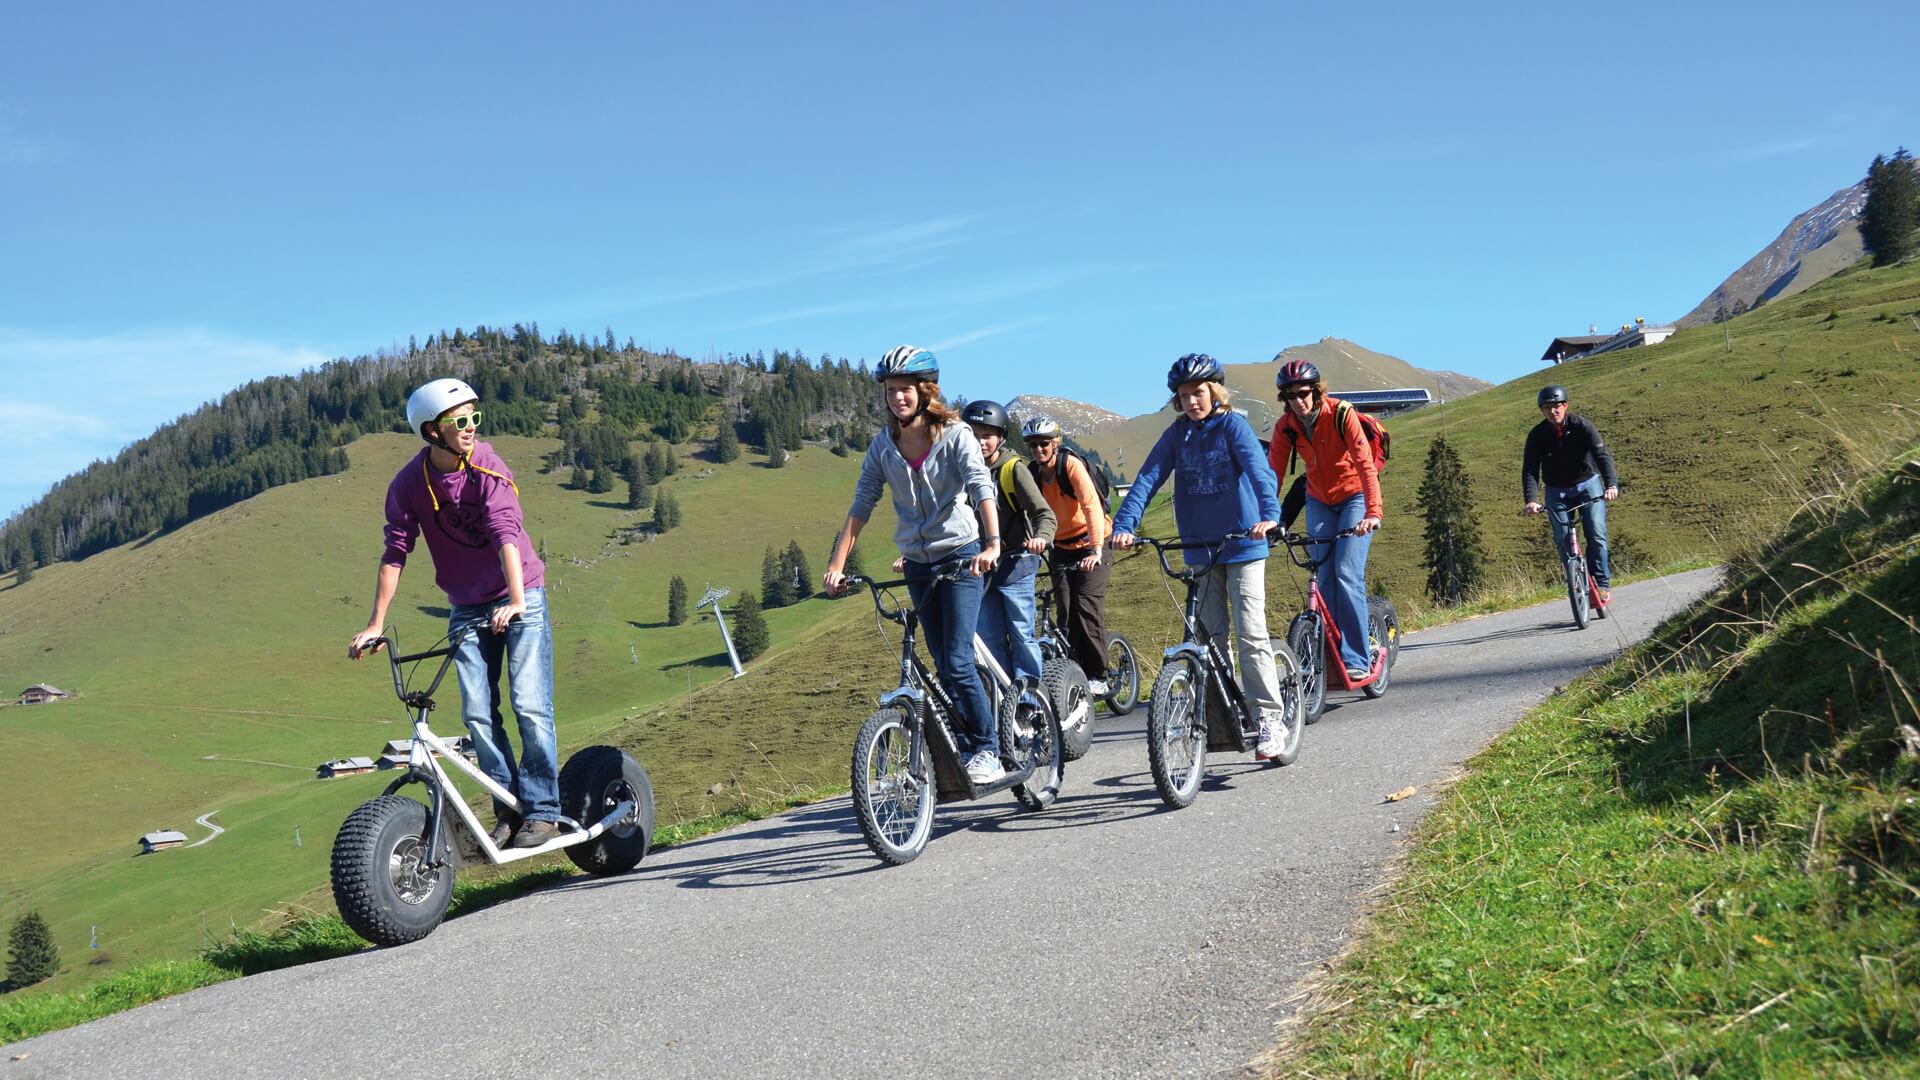 wiriehorn-trottibike-monstertrottinett-gruppe-fahren-wiese